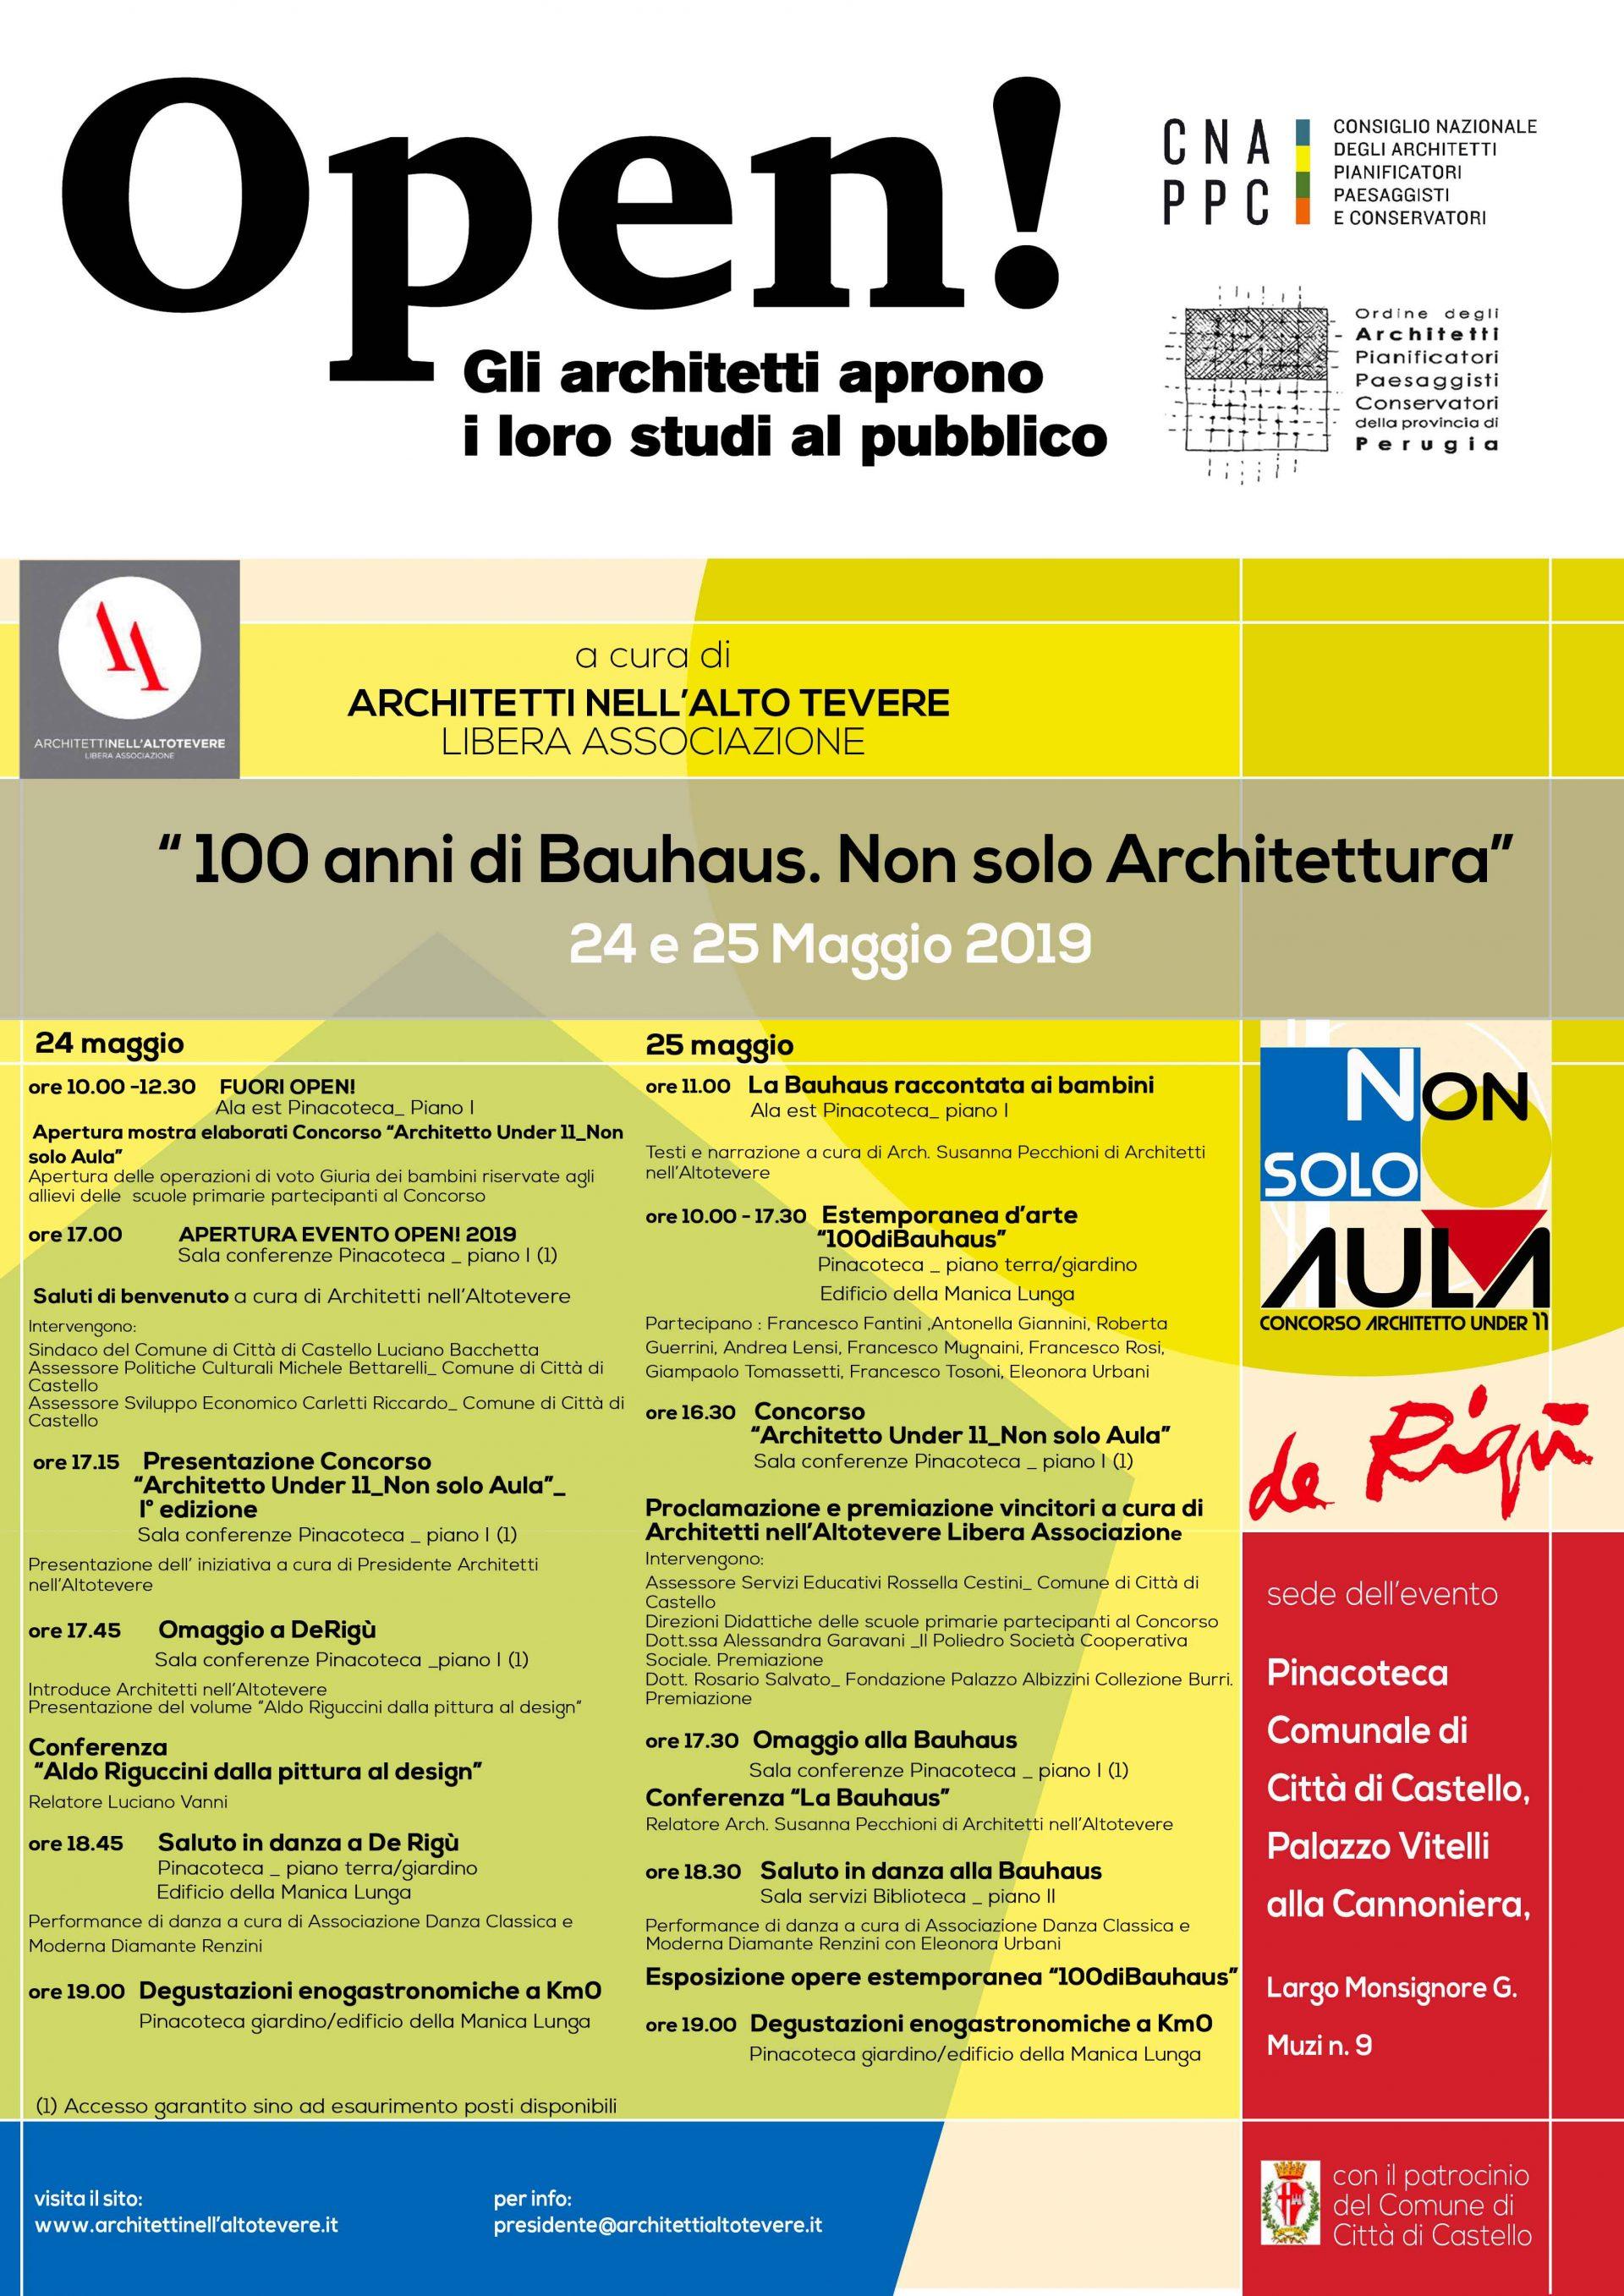 Locandina dell'evento e programma